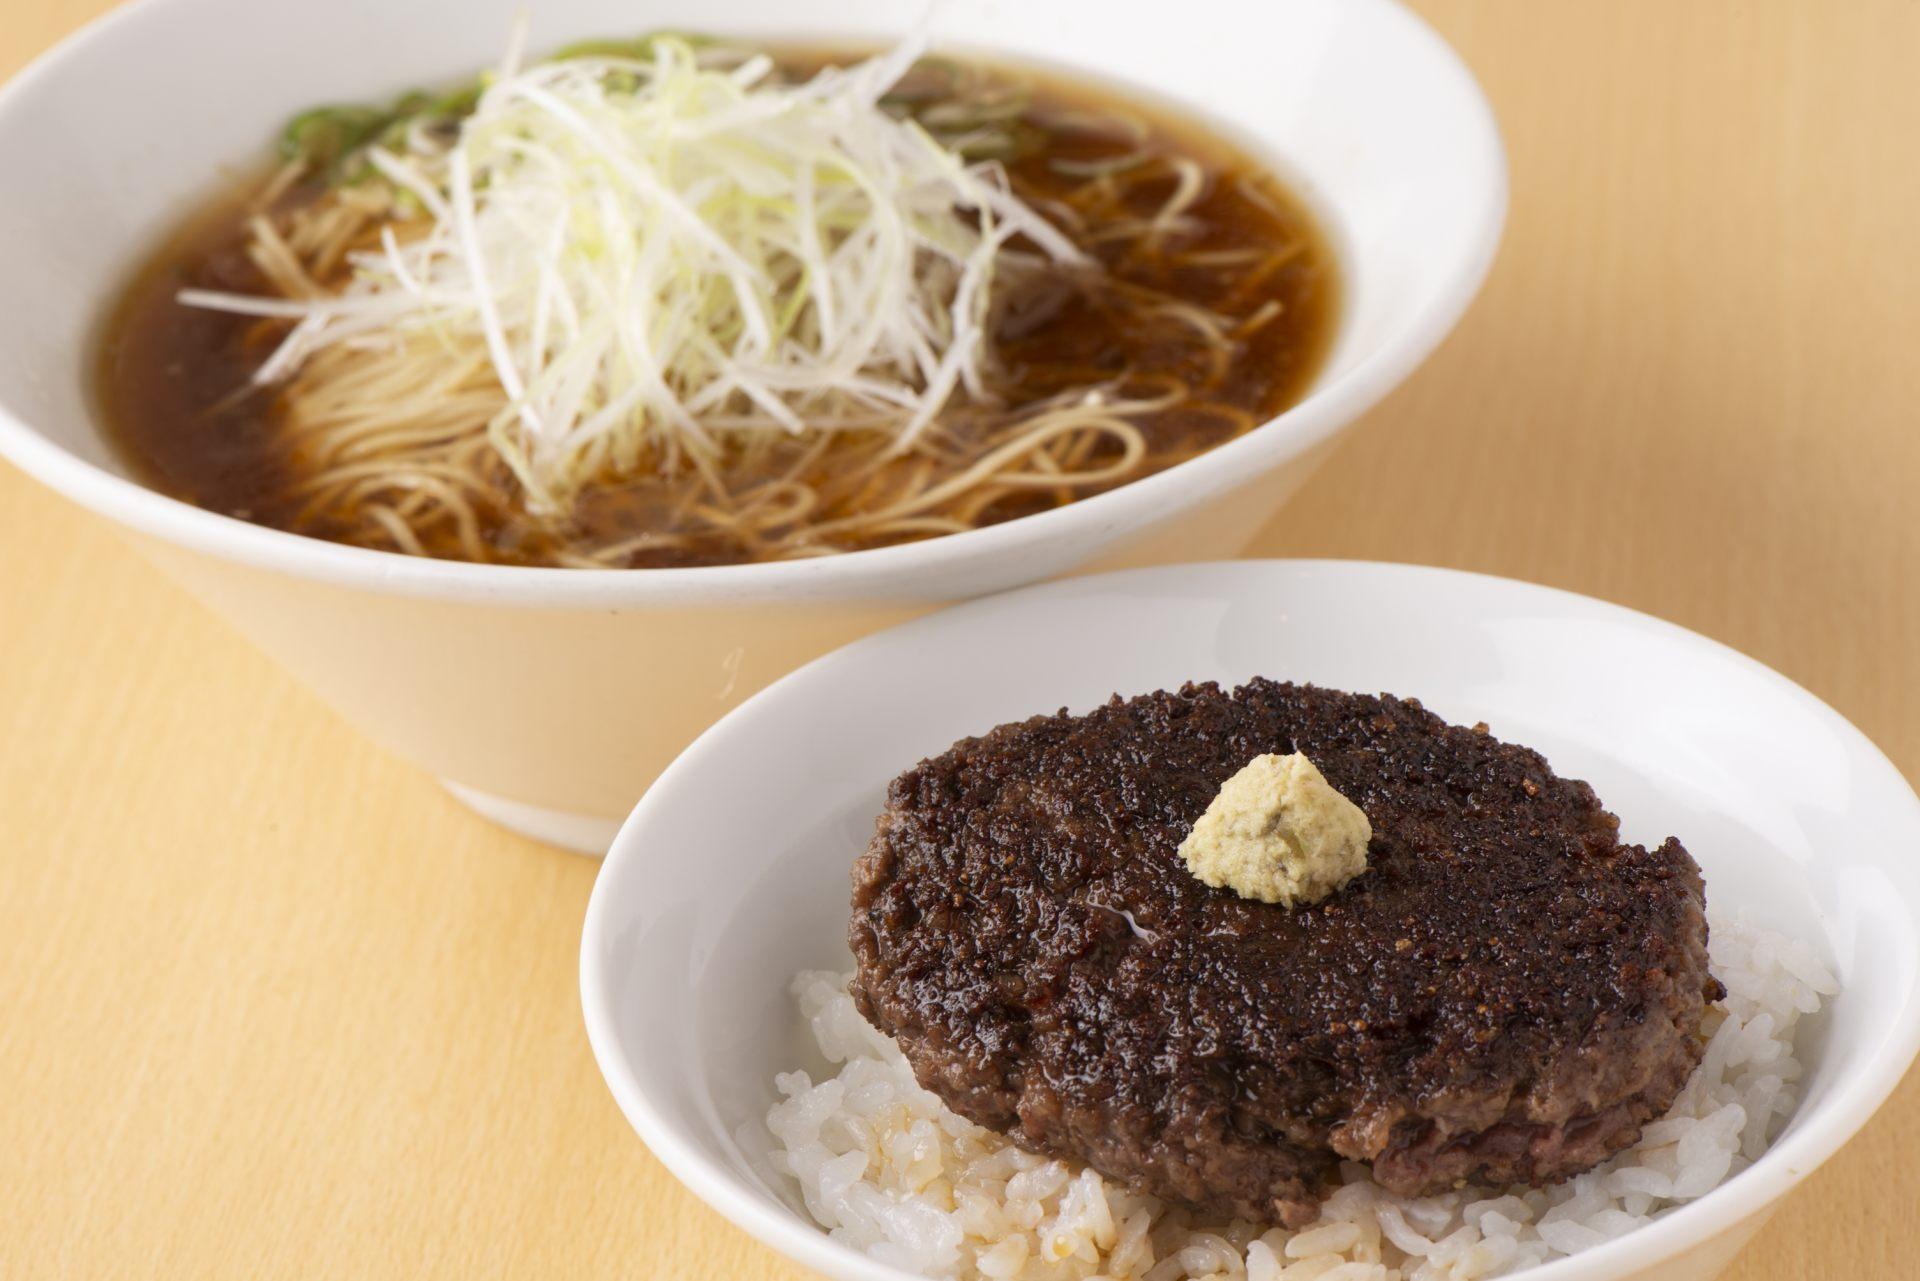 招牌菜是汉堡排和拉面的套餐「歌丸」。